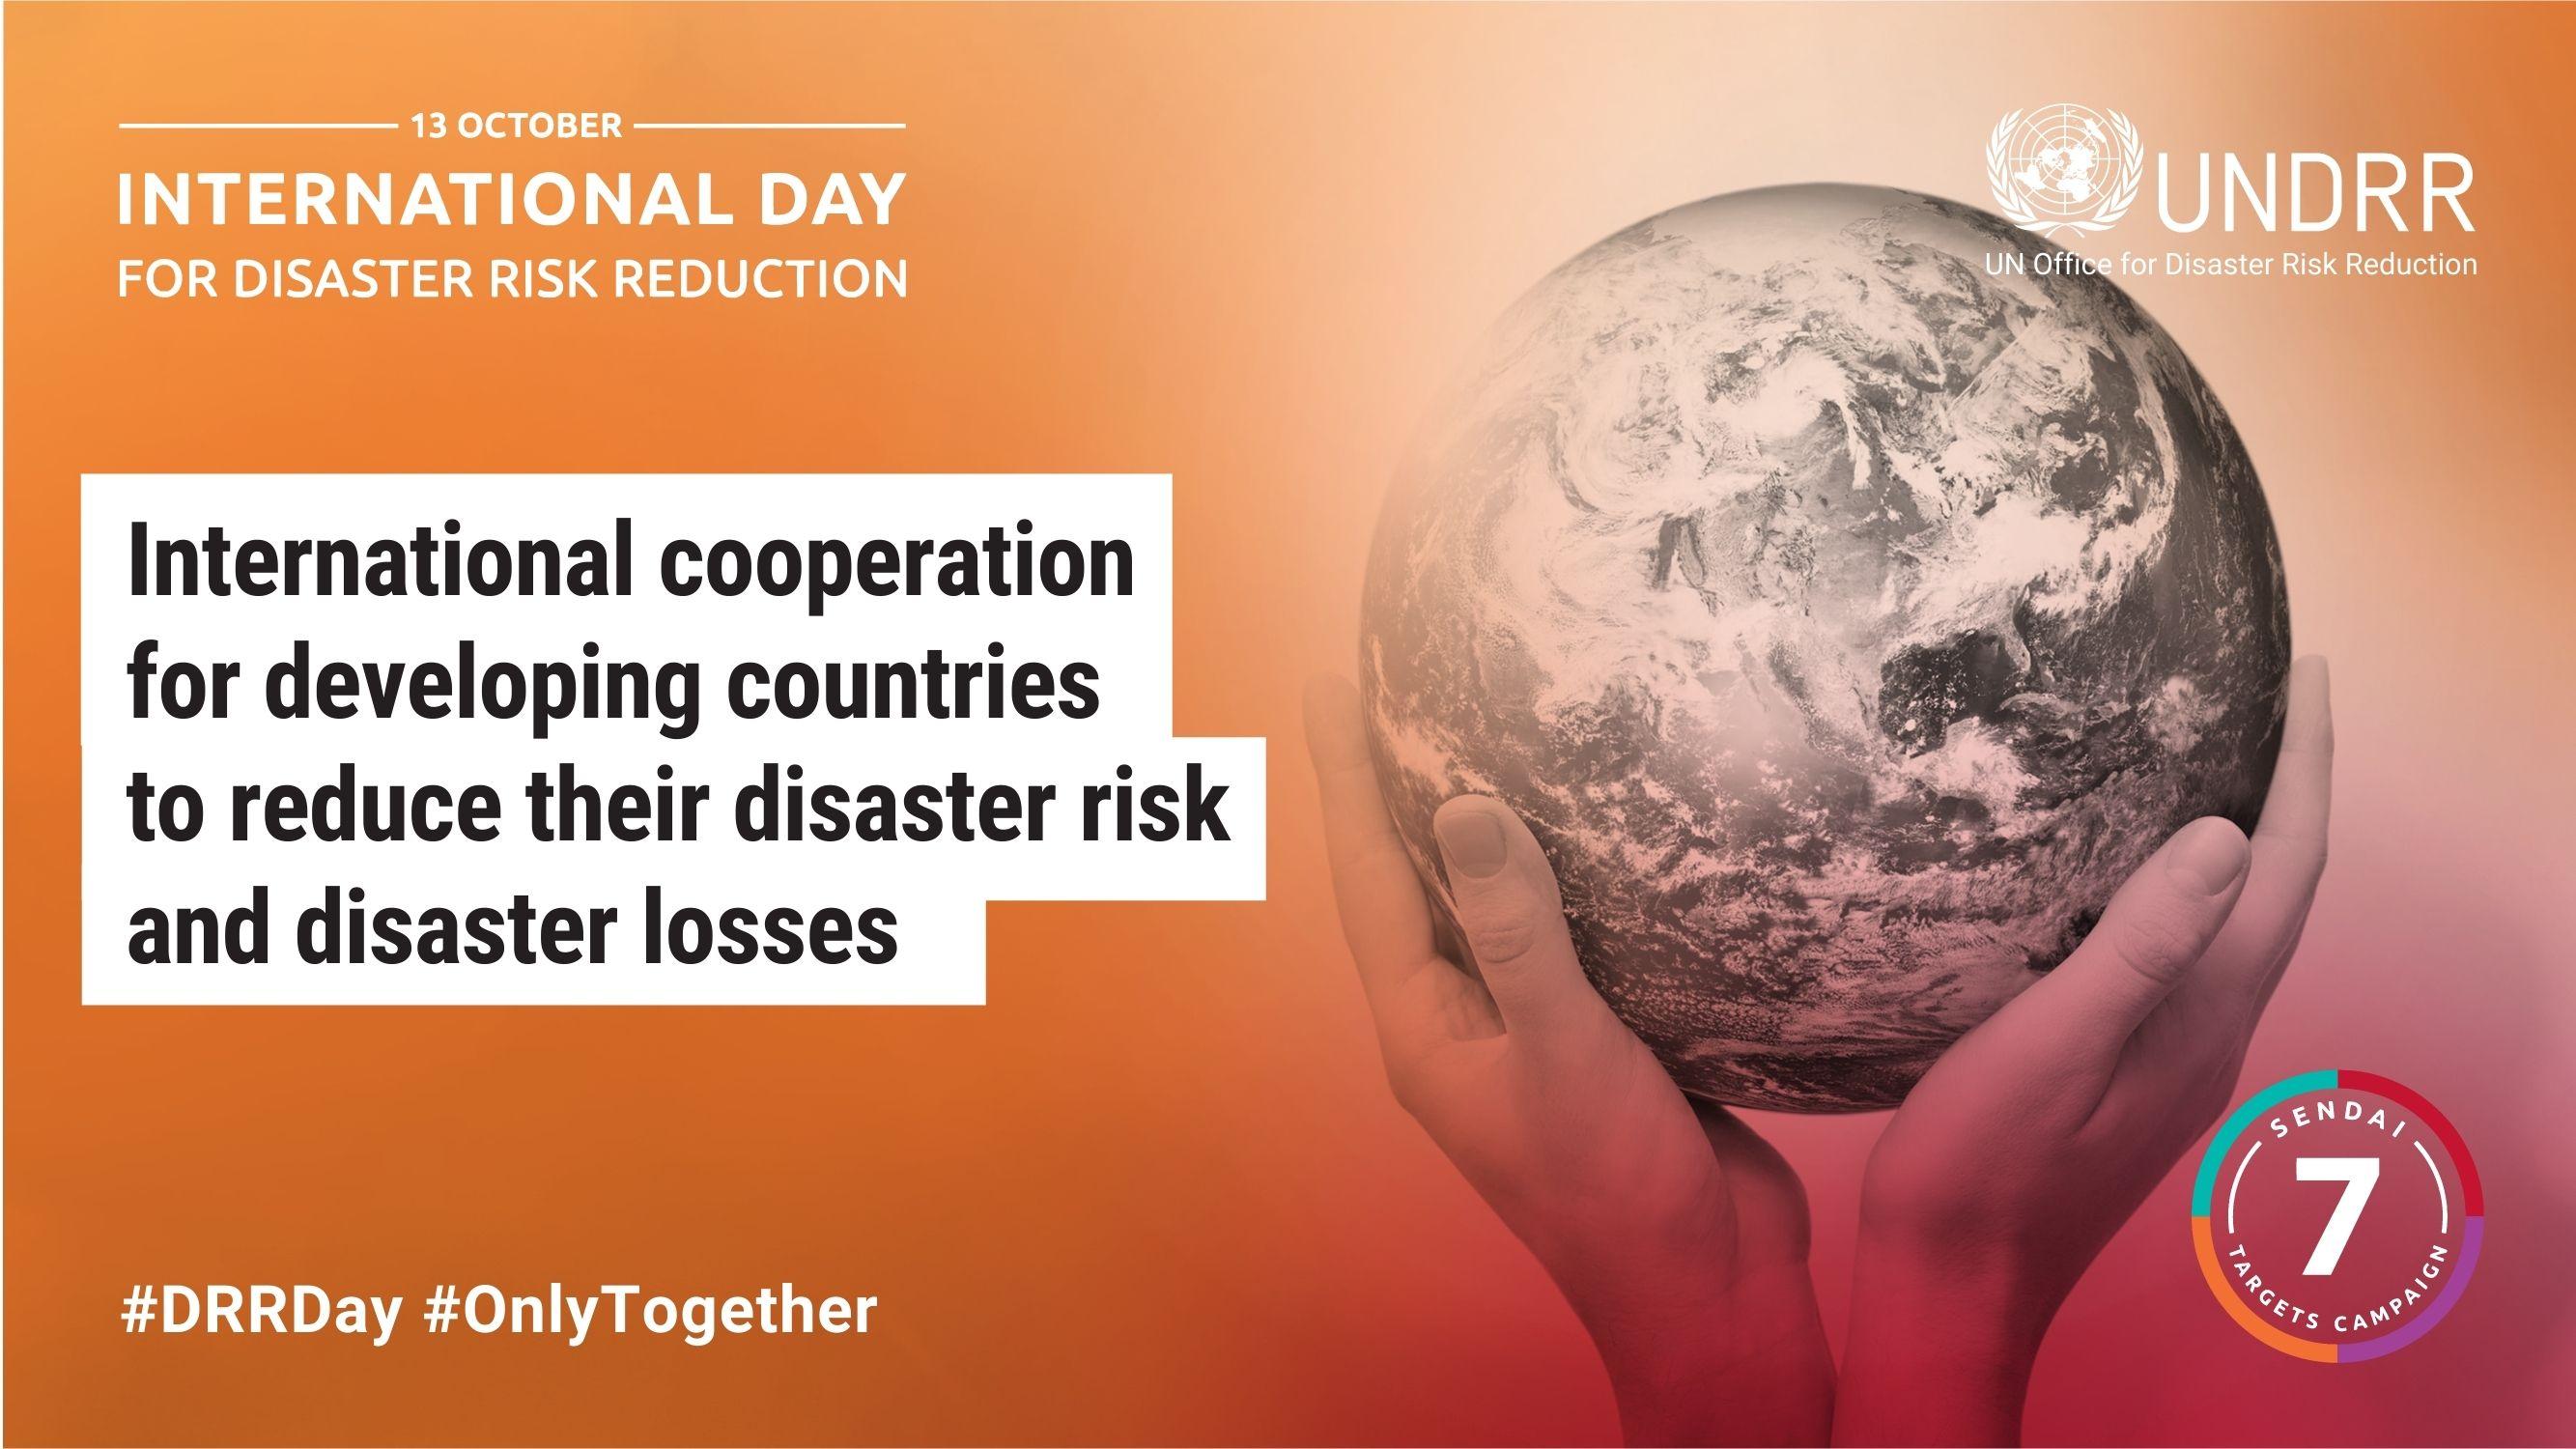 Logo Internationdal Day For Disaster Risk Reduction: zwei Hände halten einen Erdball